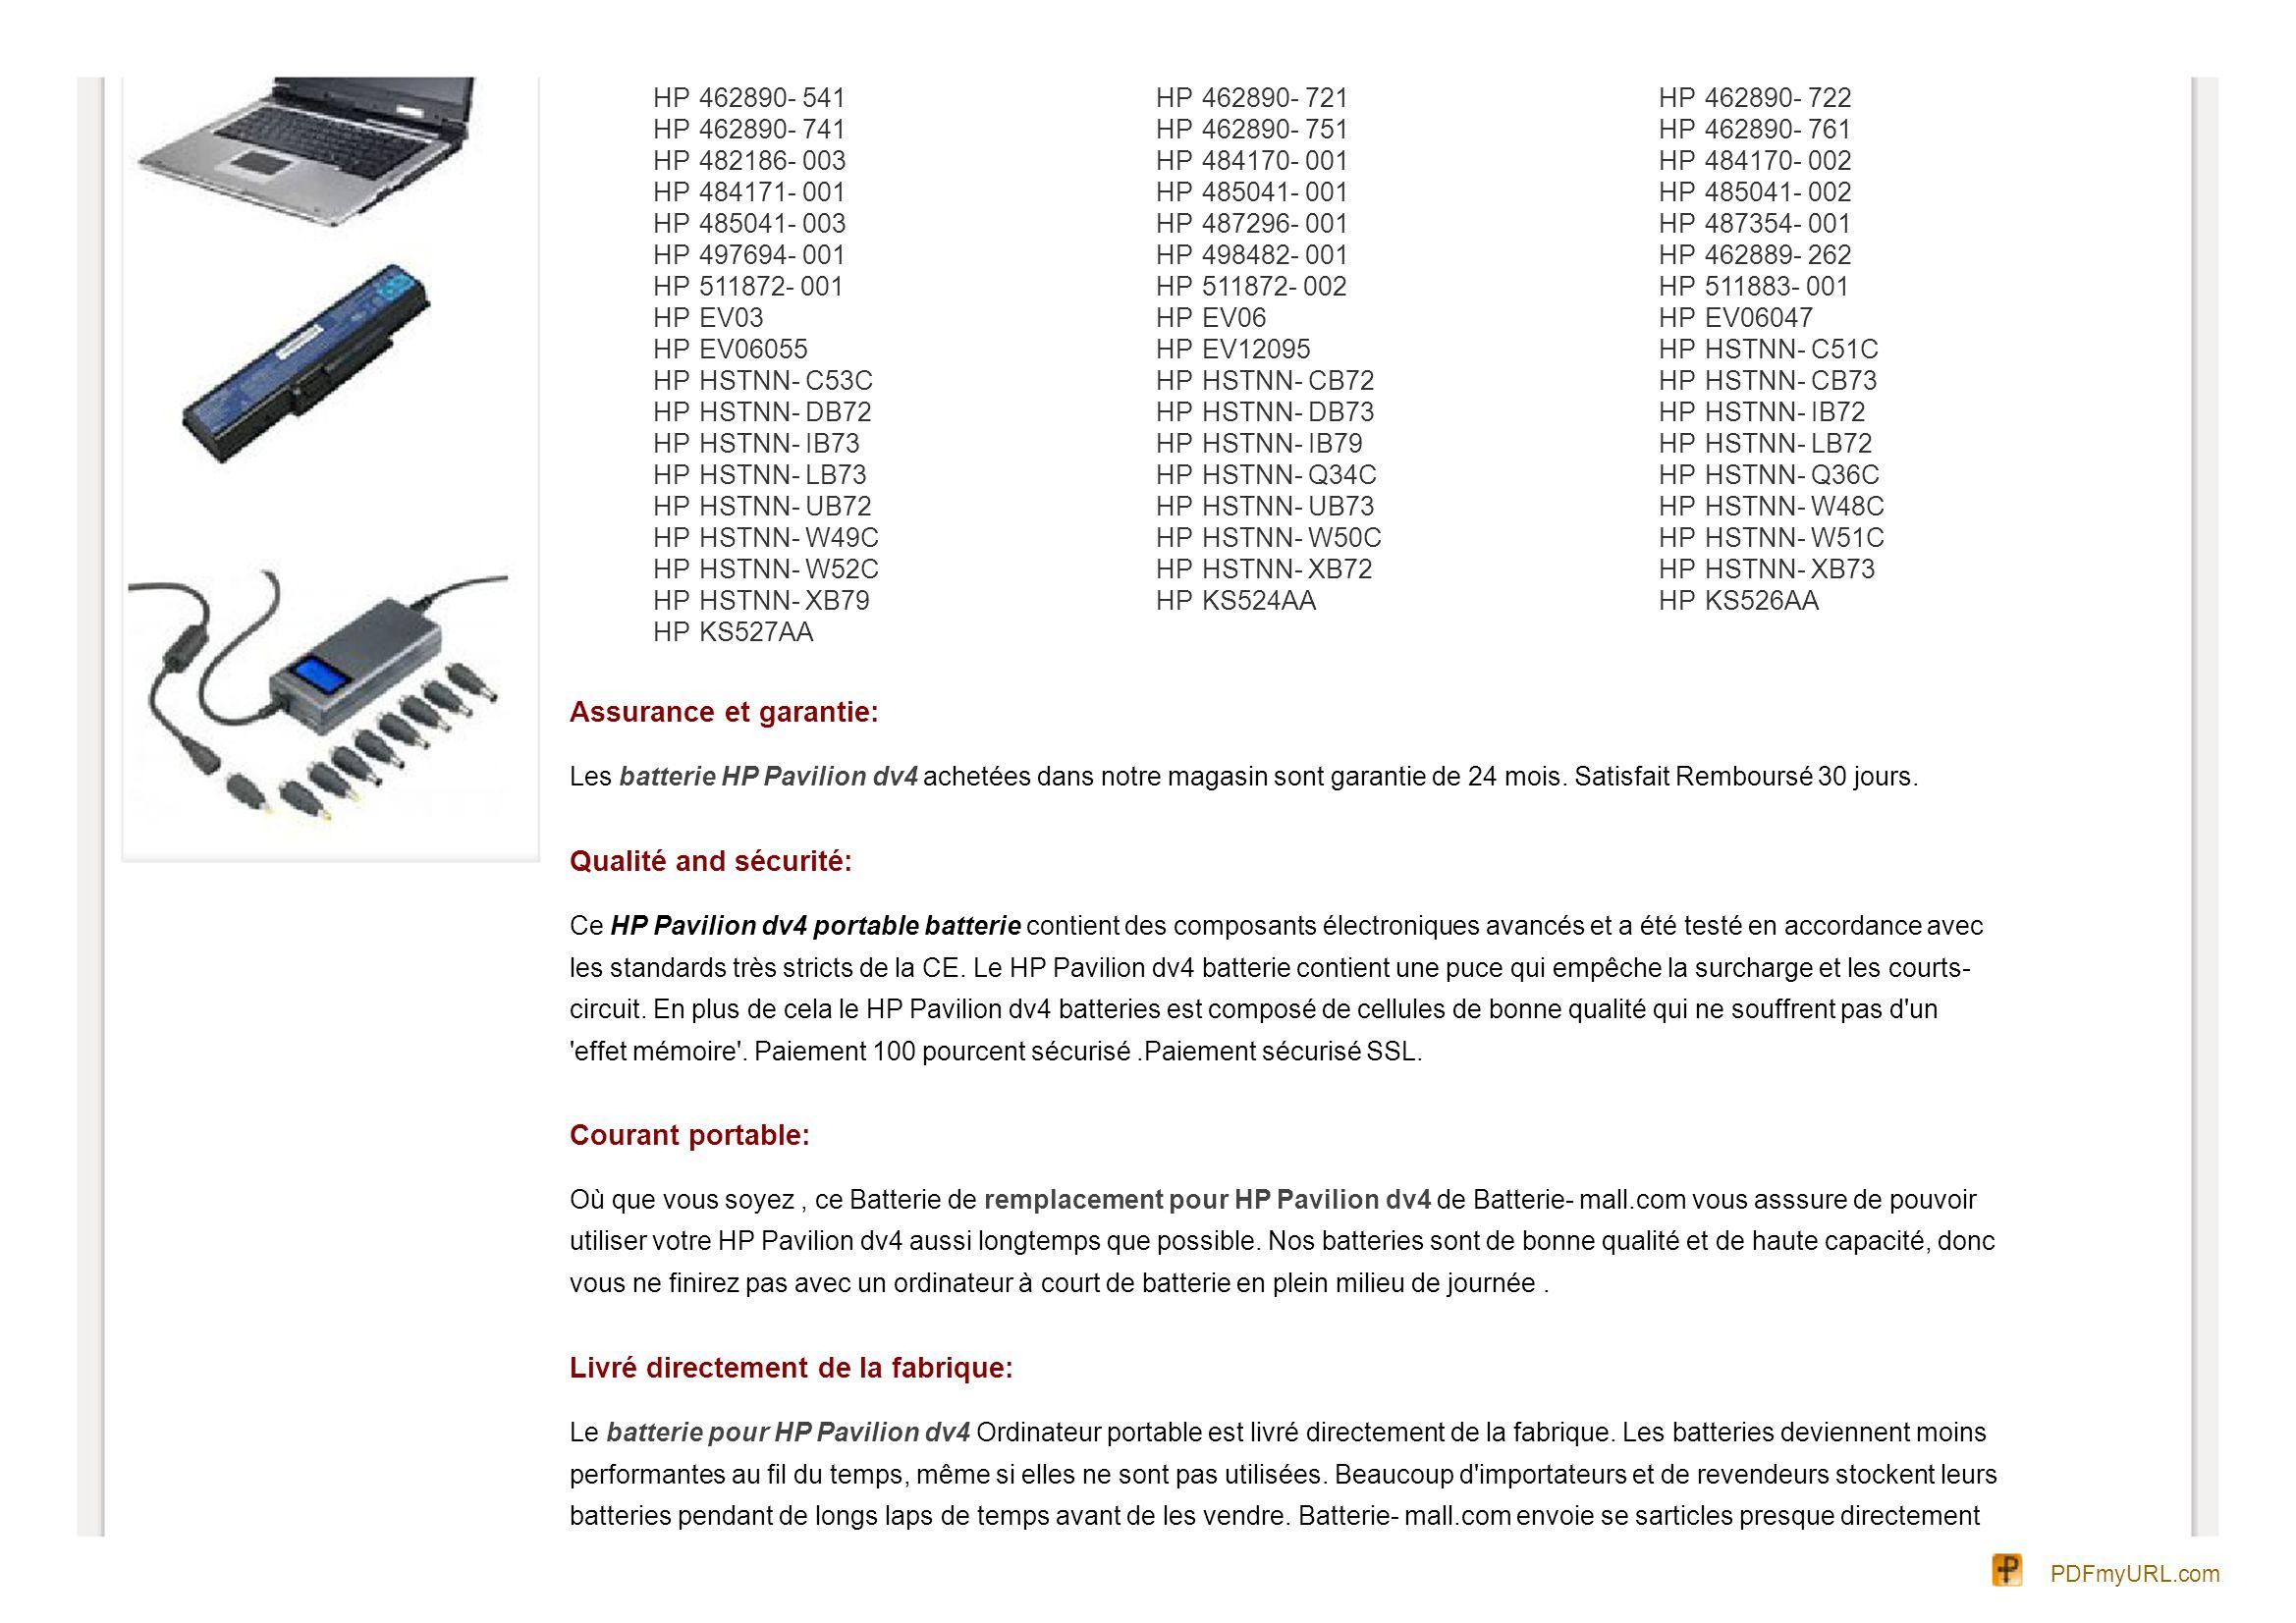 HP 462890- 541 462890- 741 482186- 003 484171- 001 485041- 003 497694- 001 511872- 001 EV03 EV06055 HSTNN- C53C HSTNN- DB72 HSTNN- IB73 HSTNN- LB73 HS